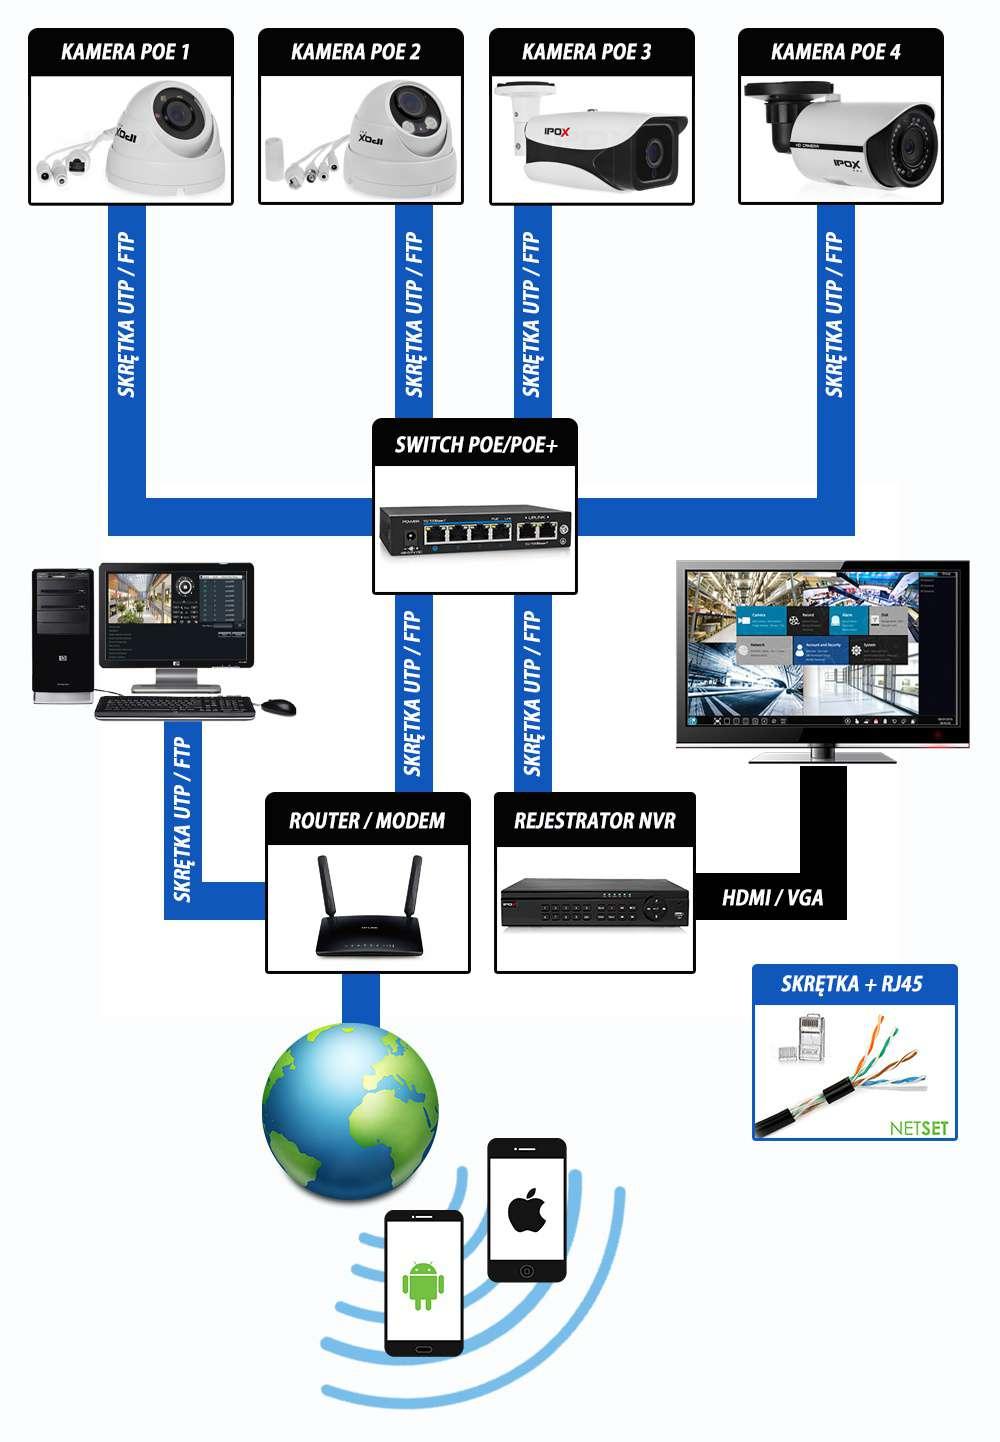 zastosowanie rejestratora sieciowego nvr ip ipox z poe